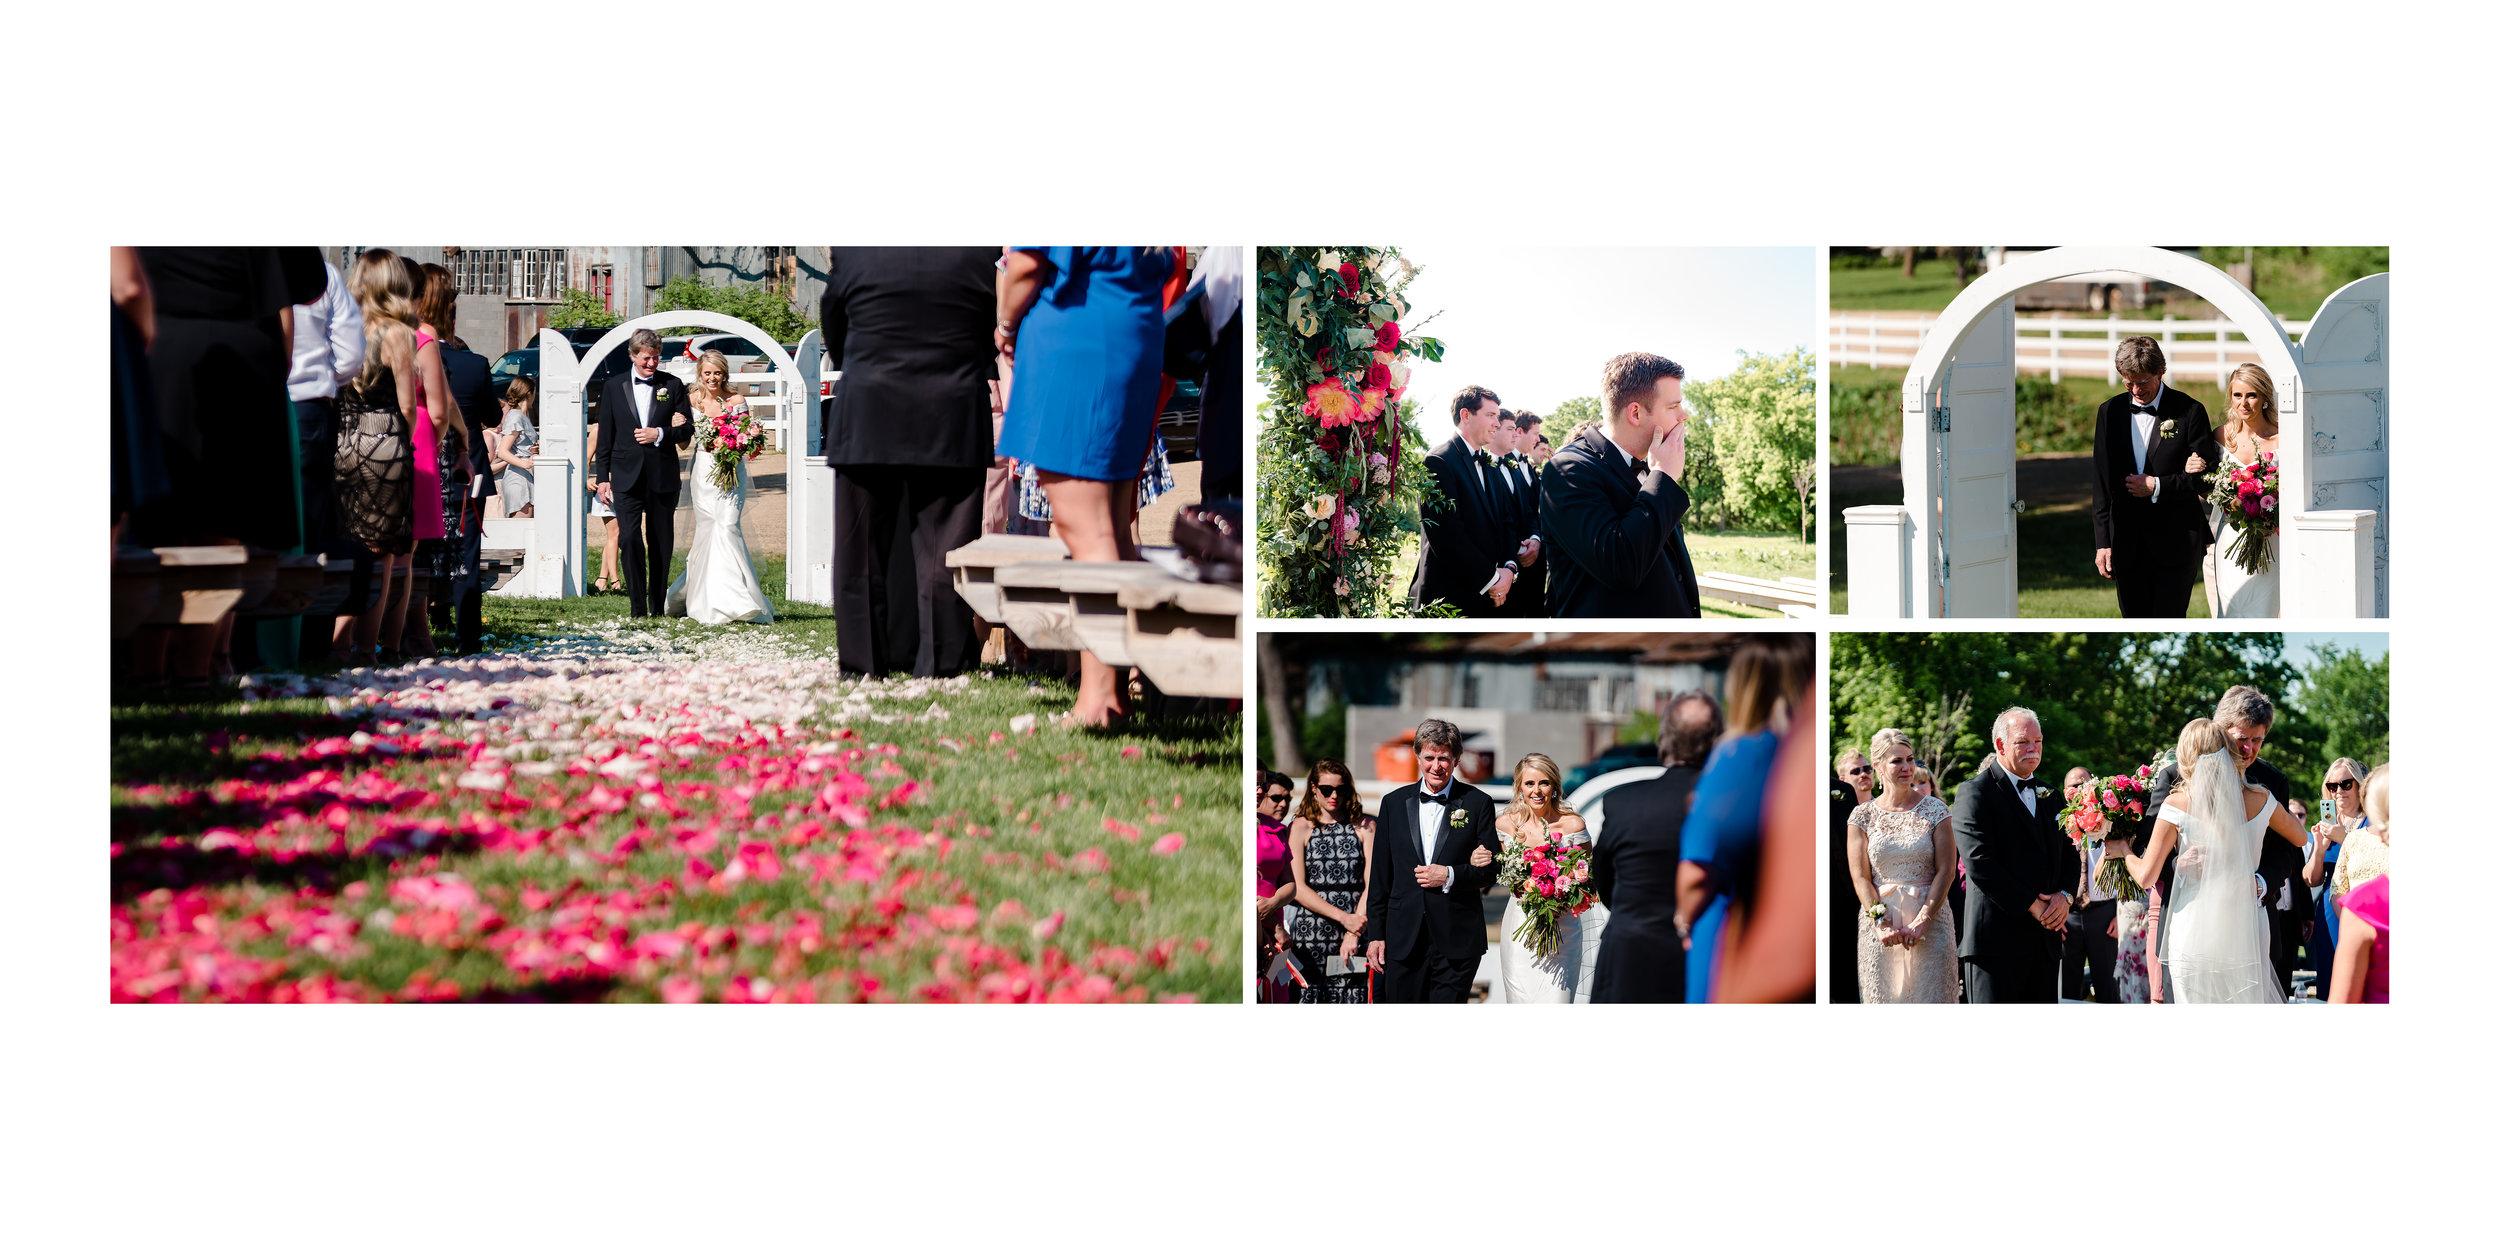 Amanda + Justin - Wedding Album_14.jpg